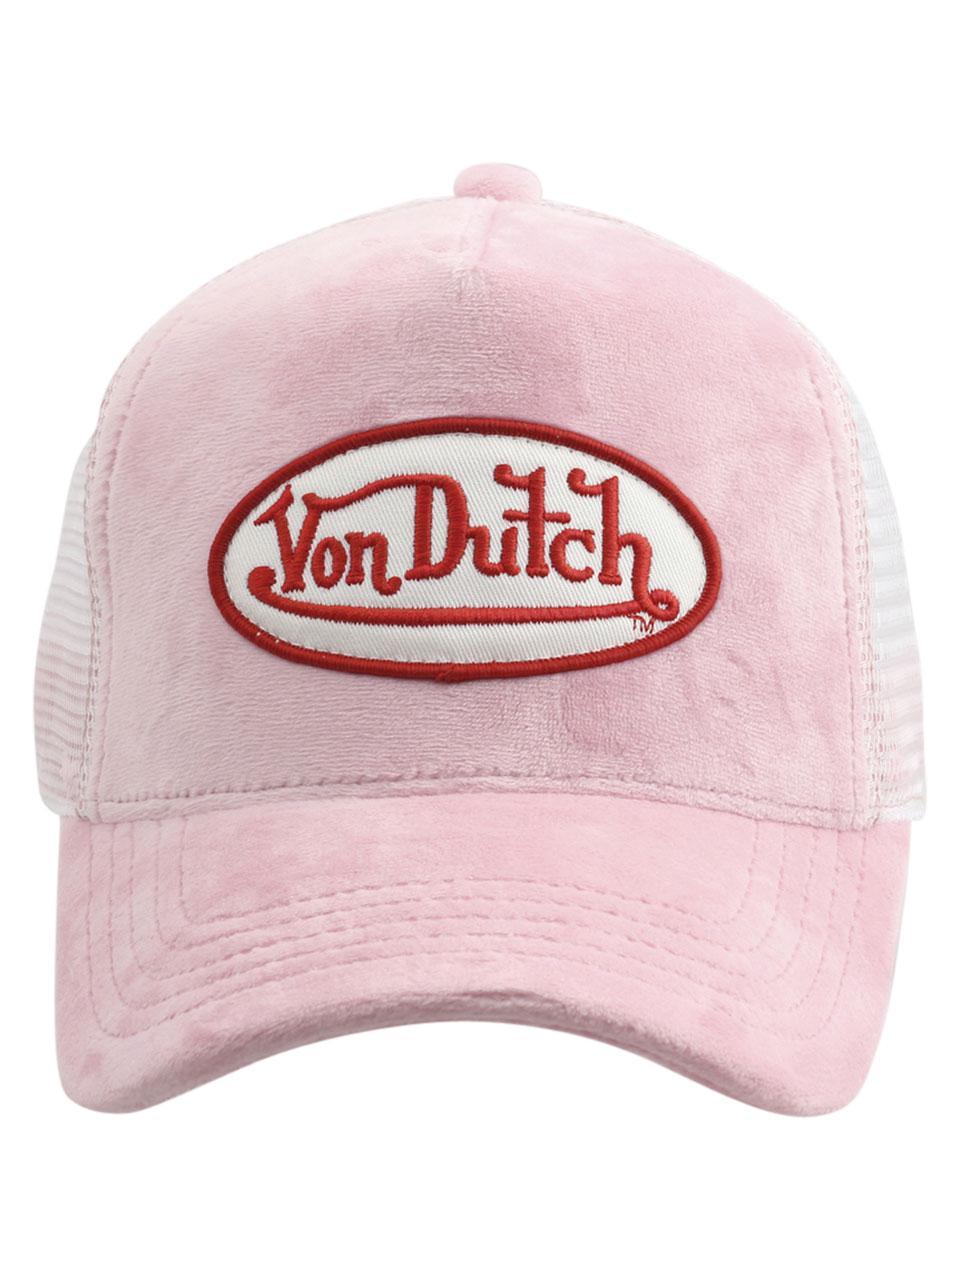 953a697a28b Von Dutch Women s Velvet Front Snapback Trucker Cap Hat by Von Dutch